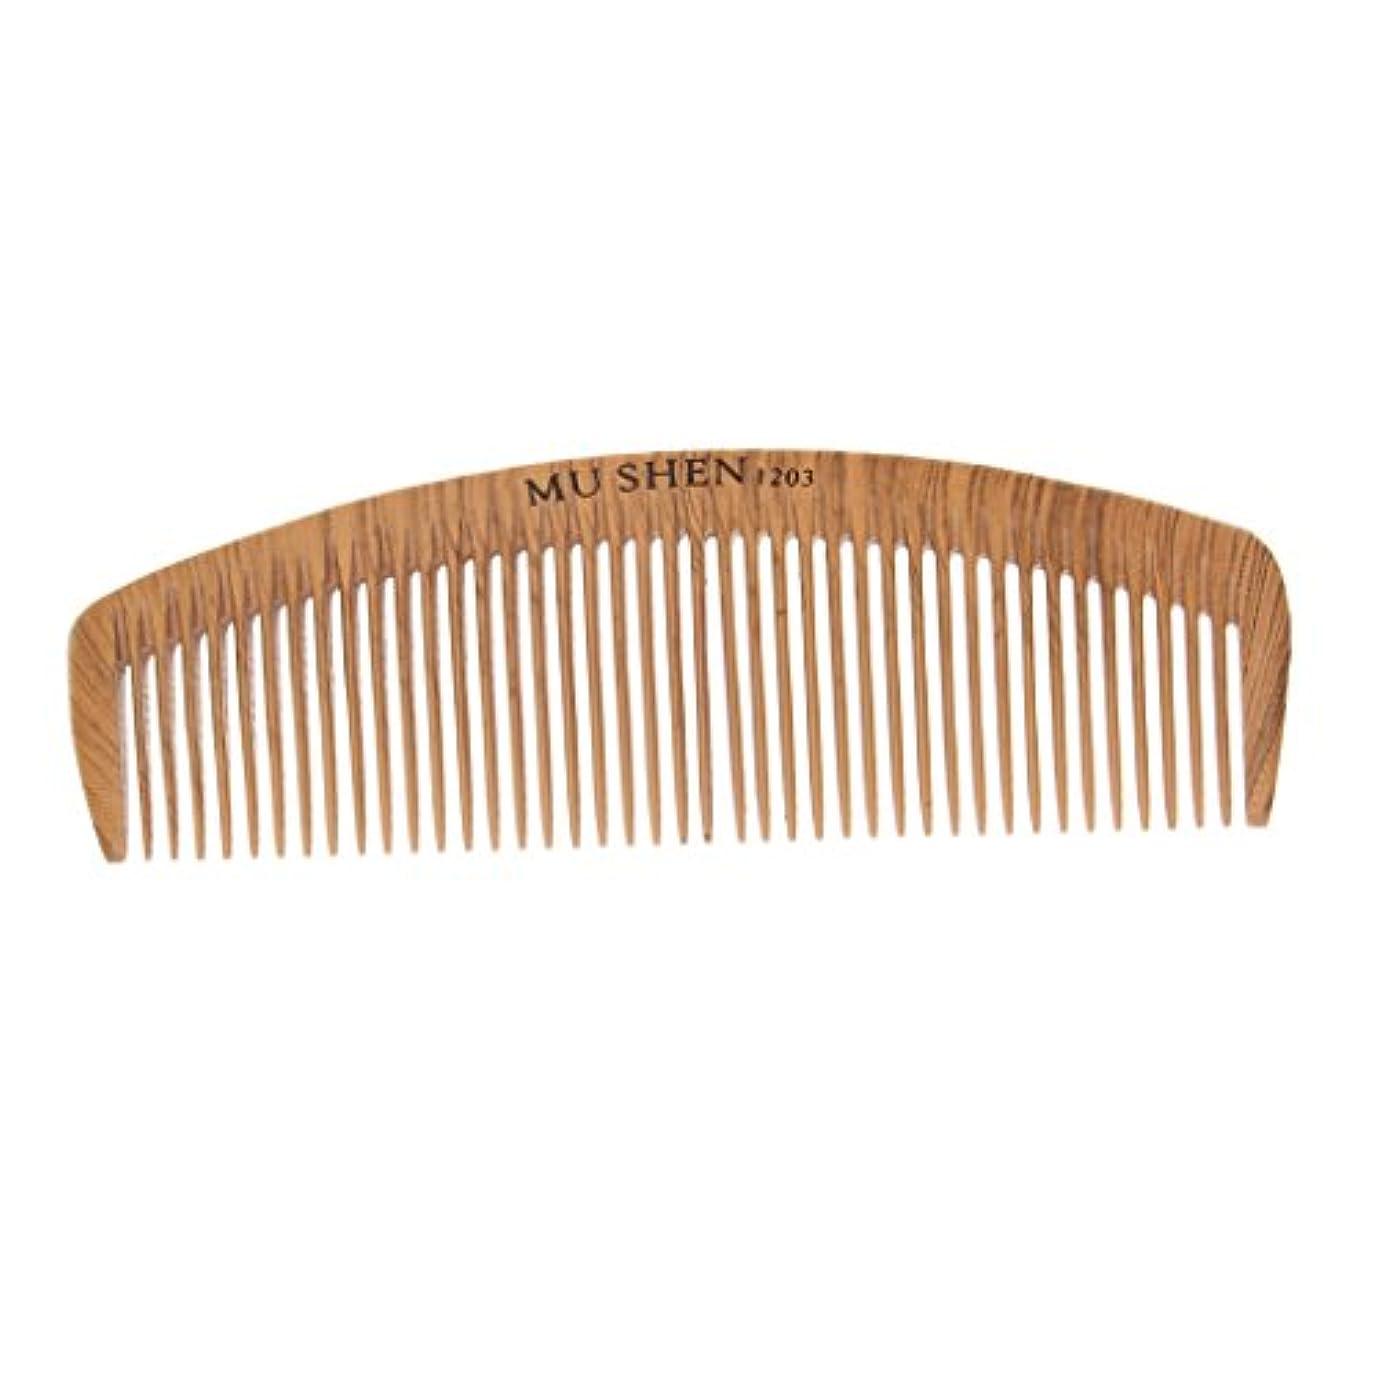 プーノ農民簡単な帯電防止ウッドサロン床屋ヘアスタイリング理髪切削くしヘアブラシ - 1203